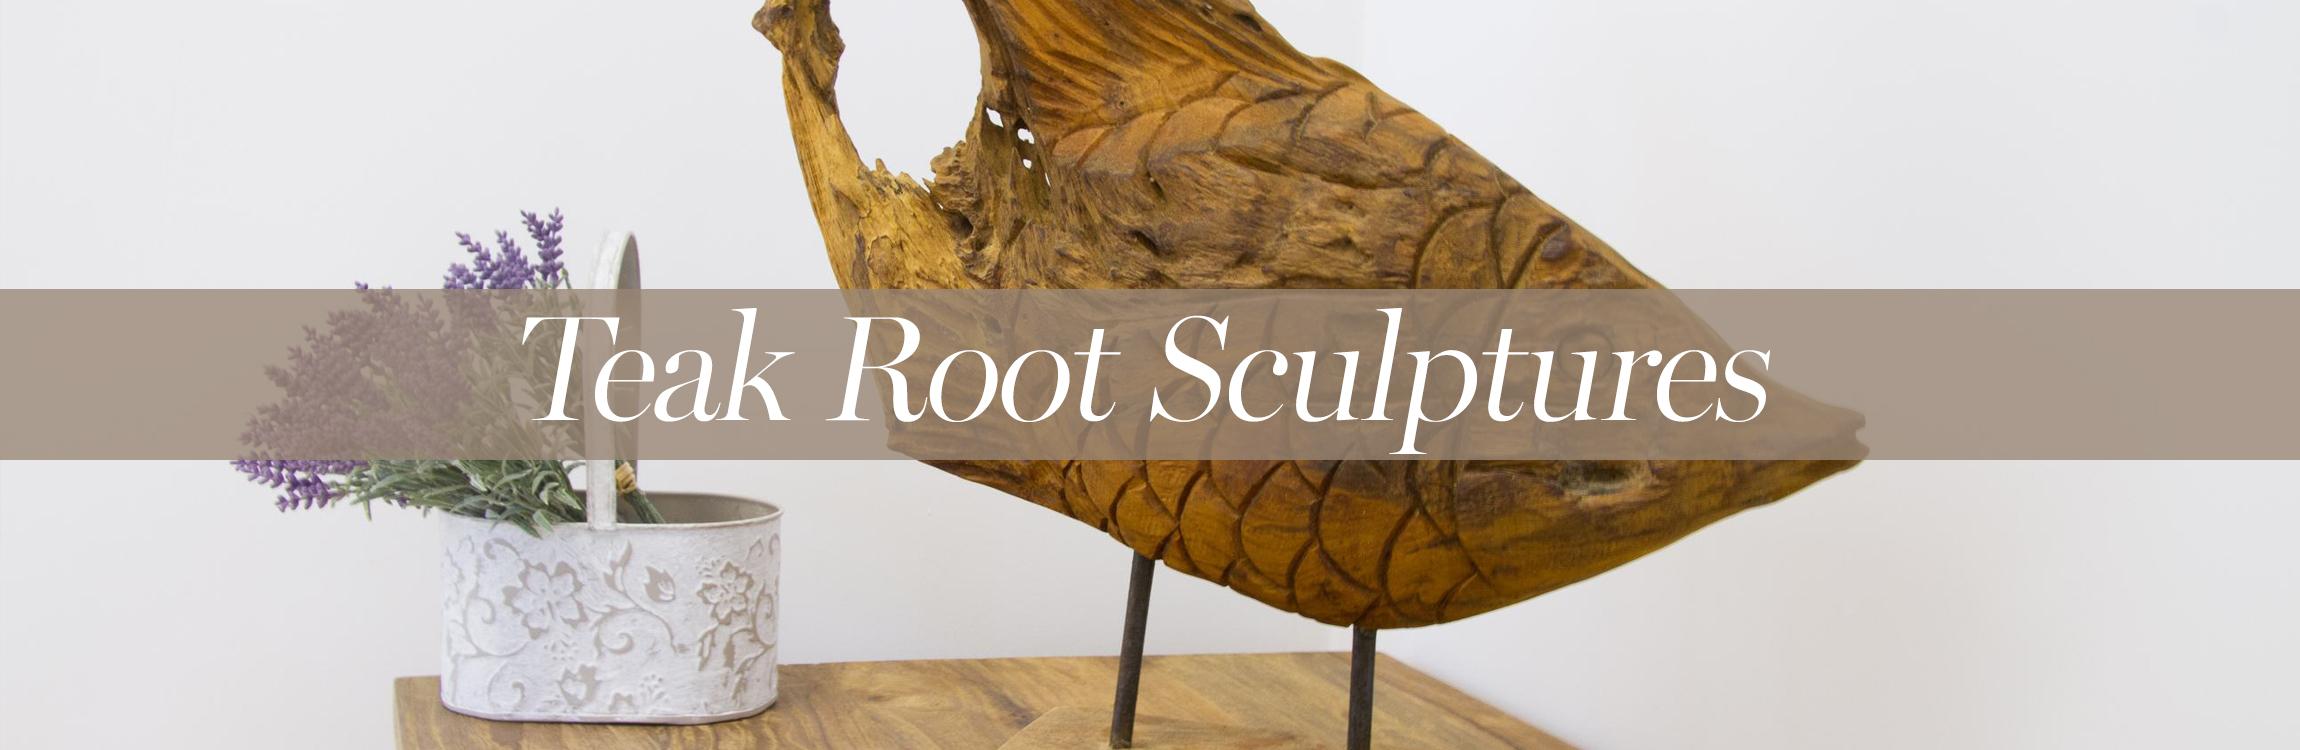 Teak Root Sculptures